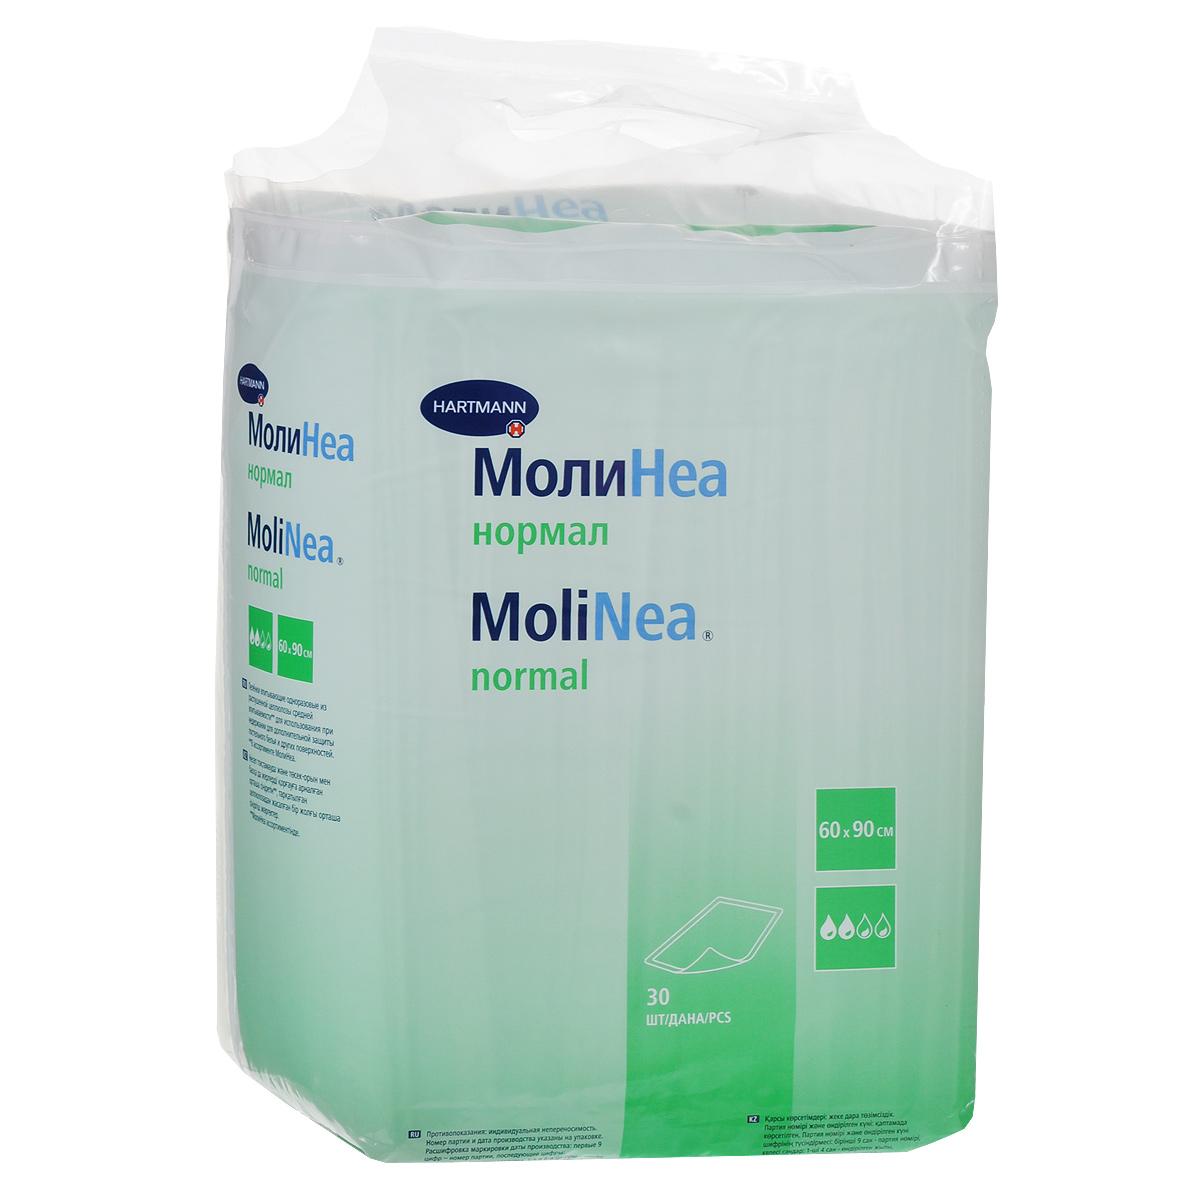 одноразовые пеленки Одноразовые впитывающие пеленки Molinea (Молинеа) Normal, 60 см х 90 см, 30 шт